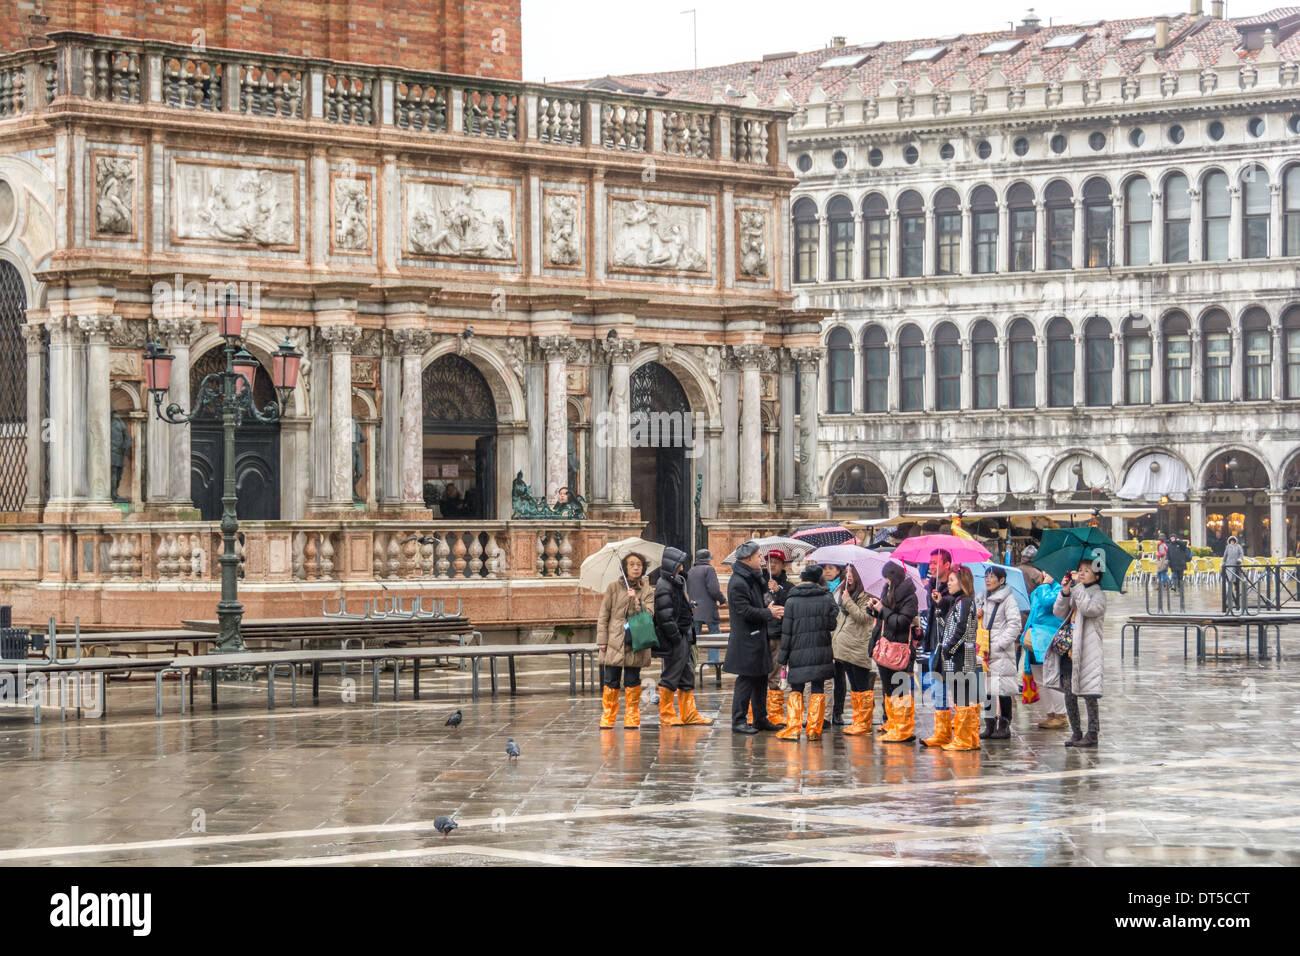 Venedig, Italien. Asiatische Touristen bei nassem Wetter ...